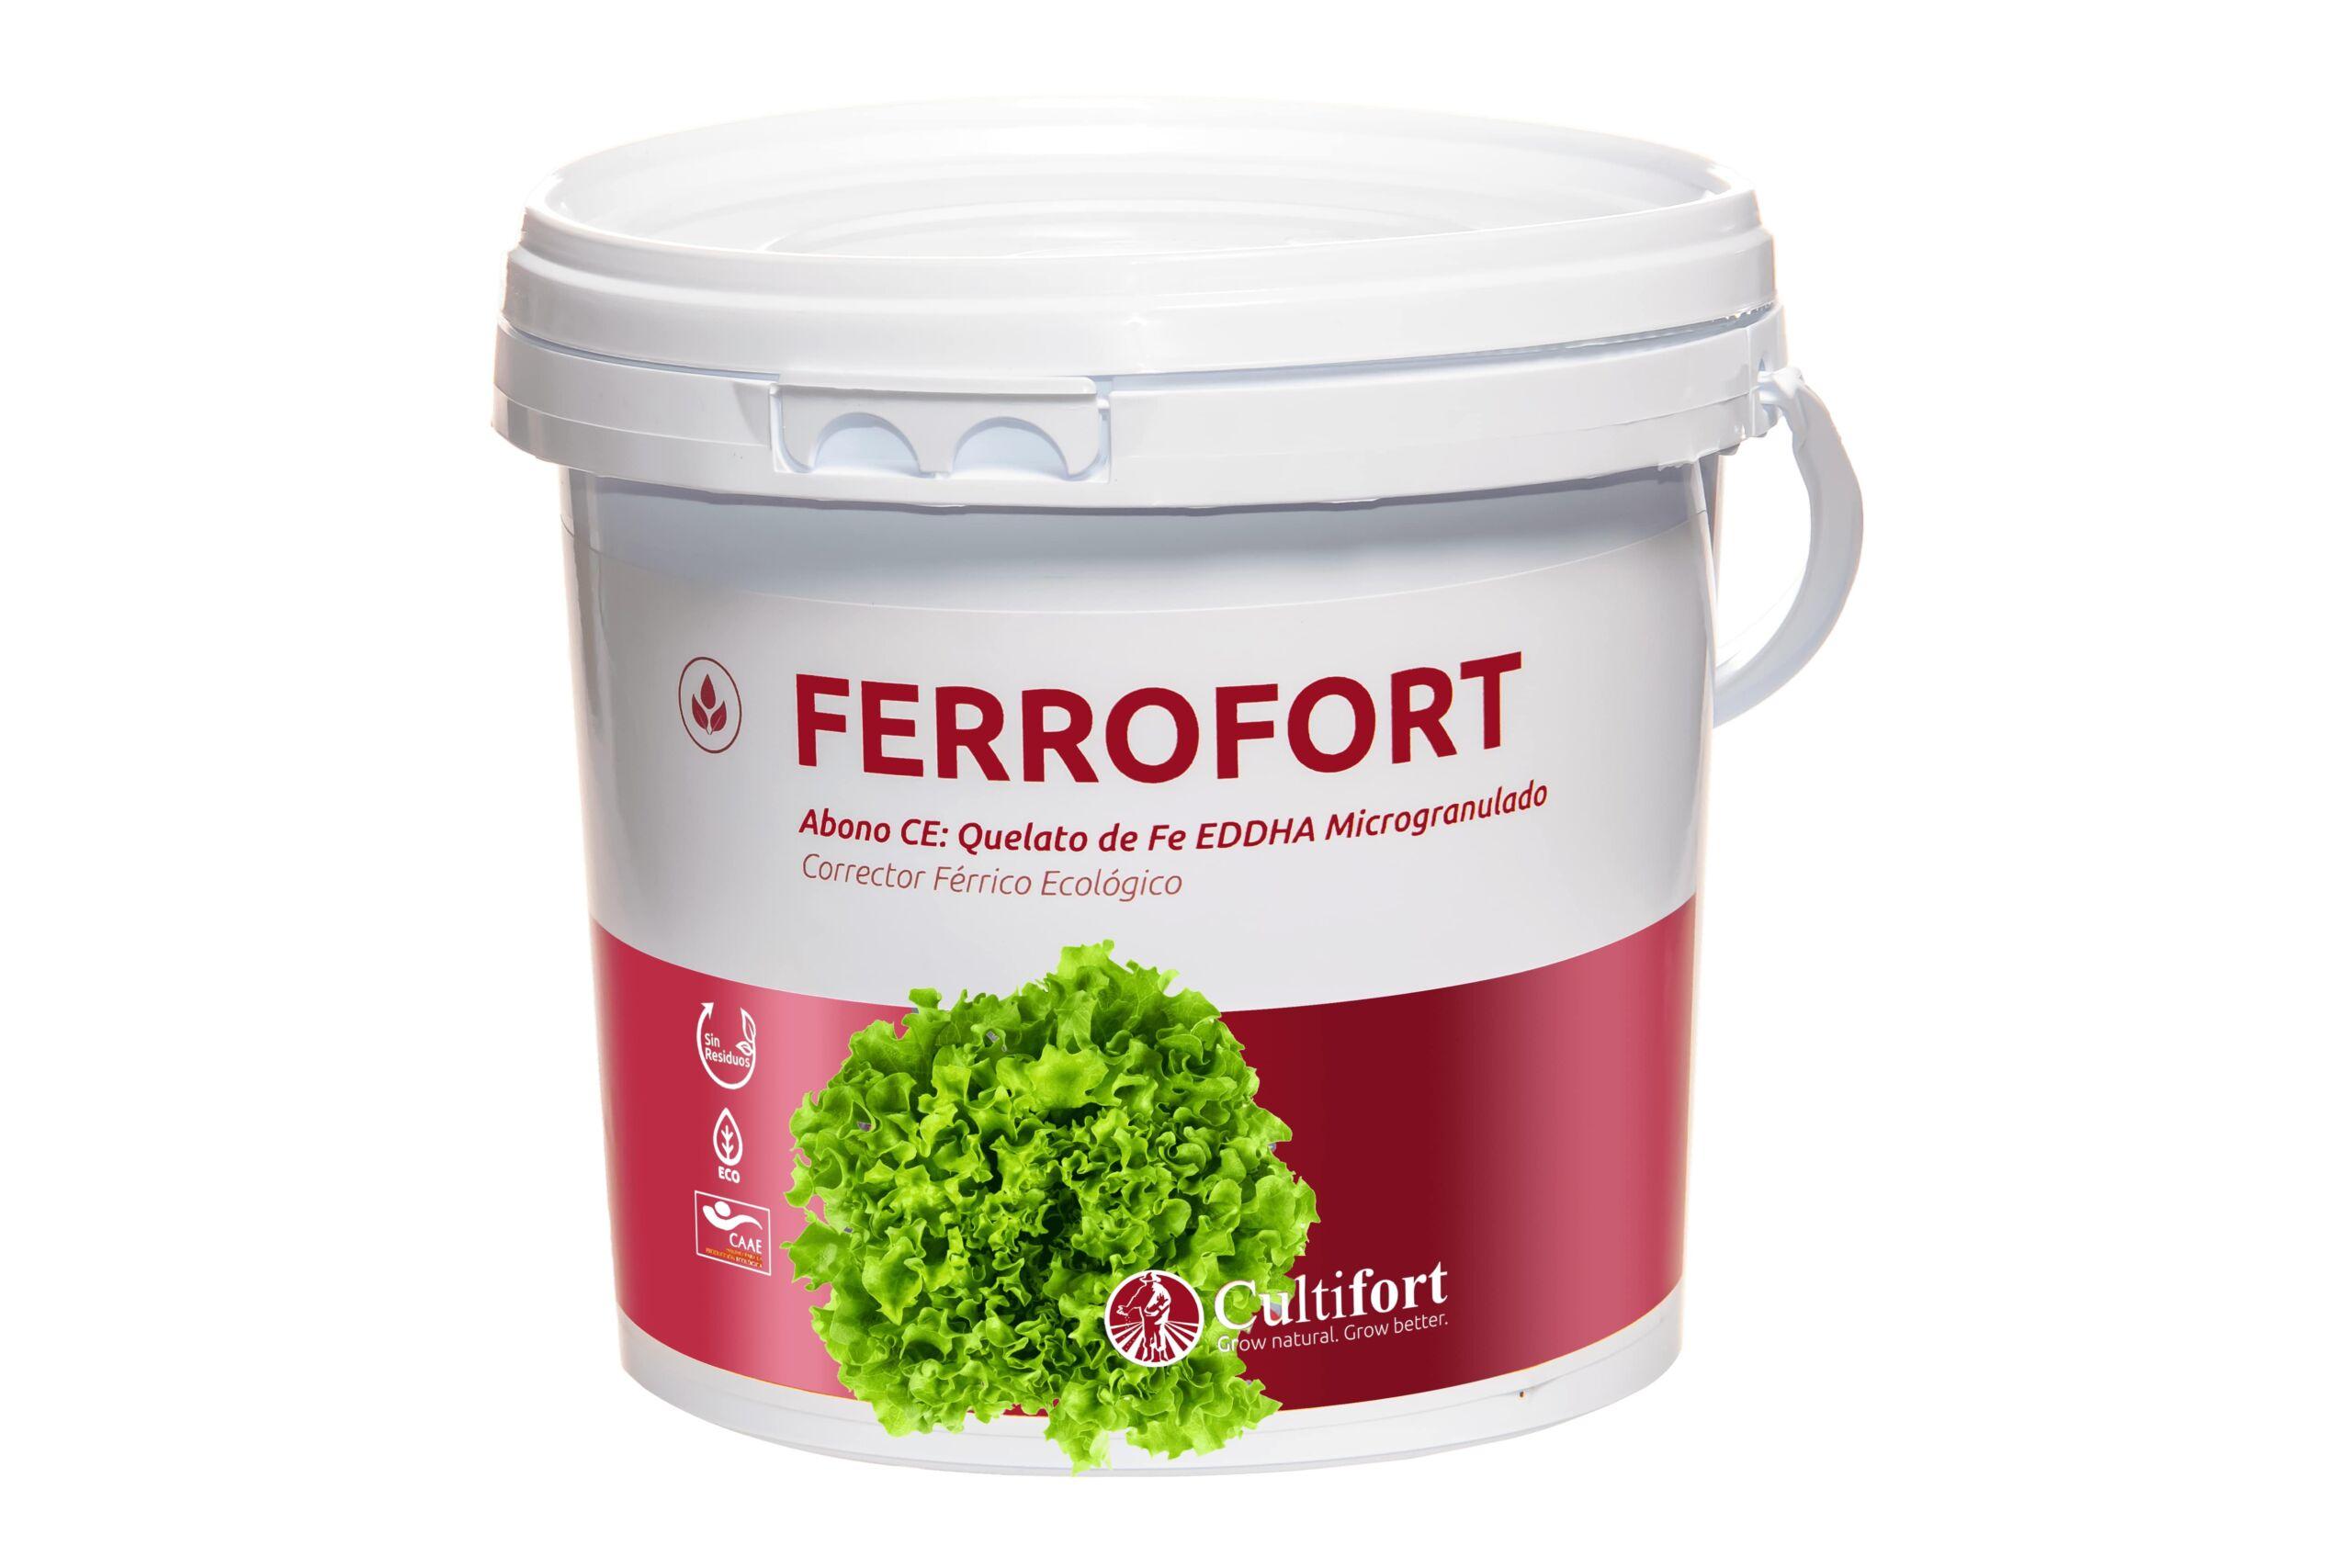 FERROFORT 1 kg